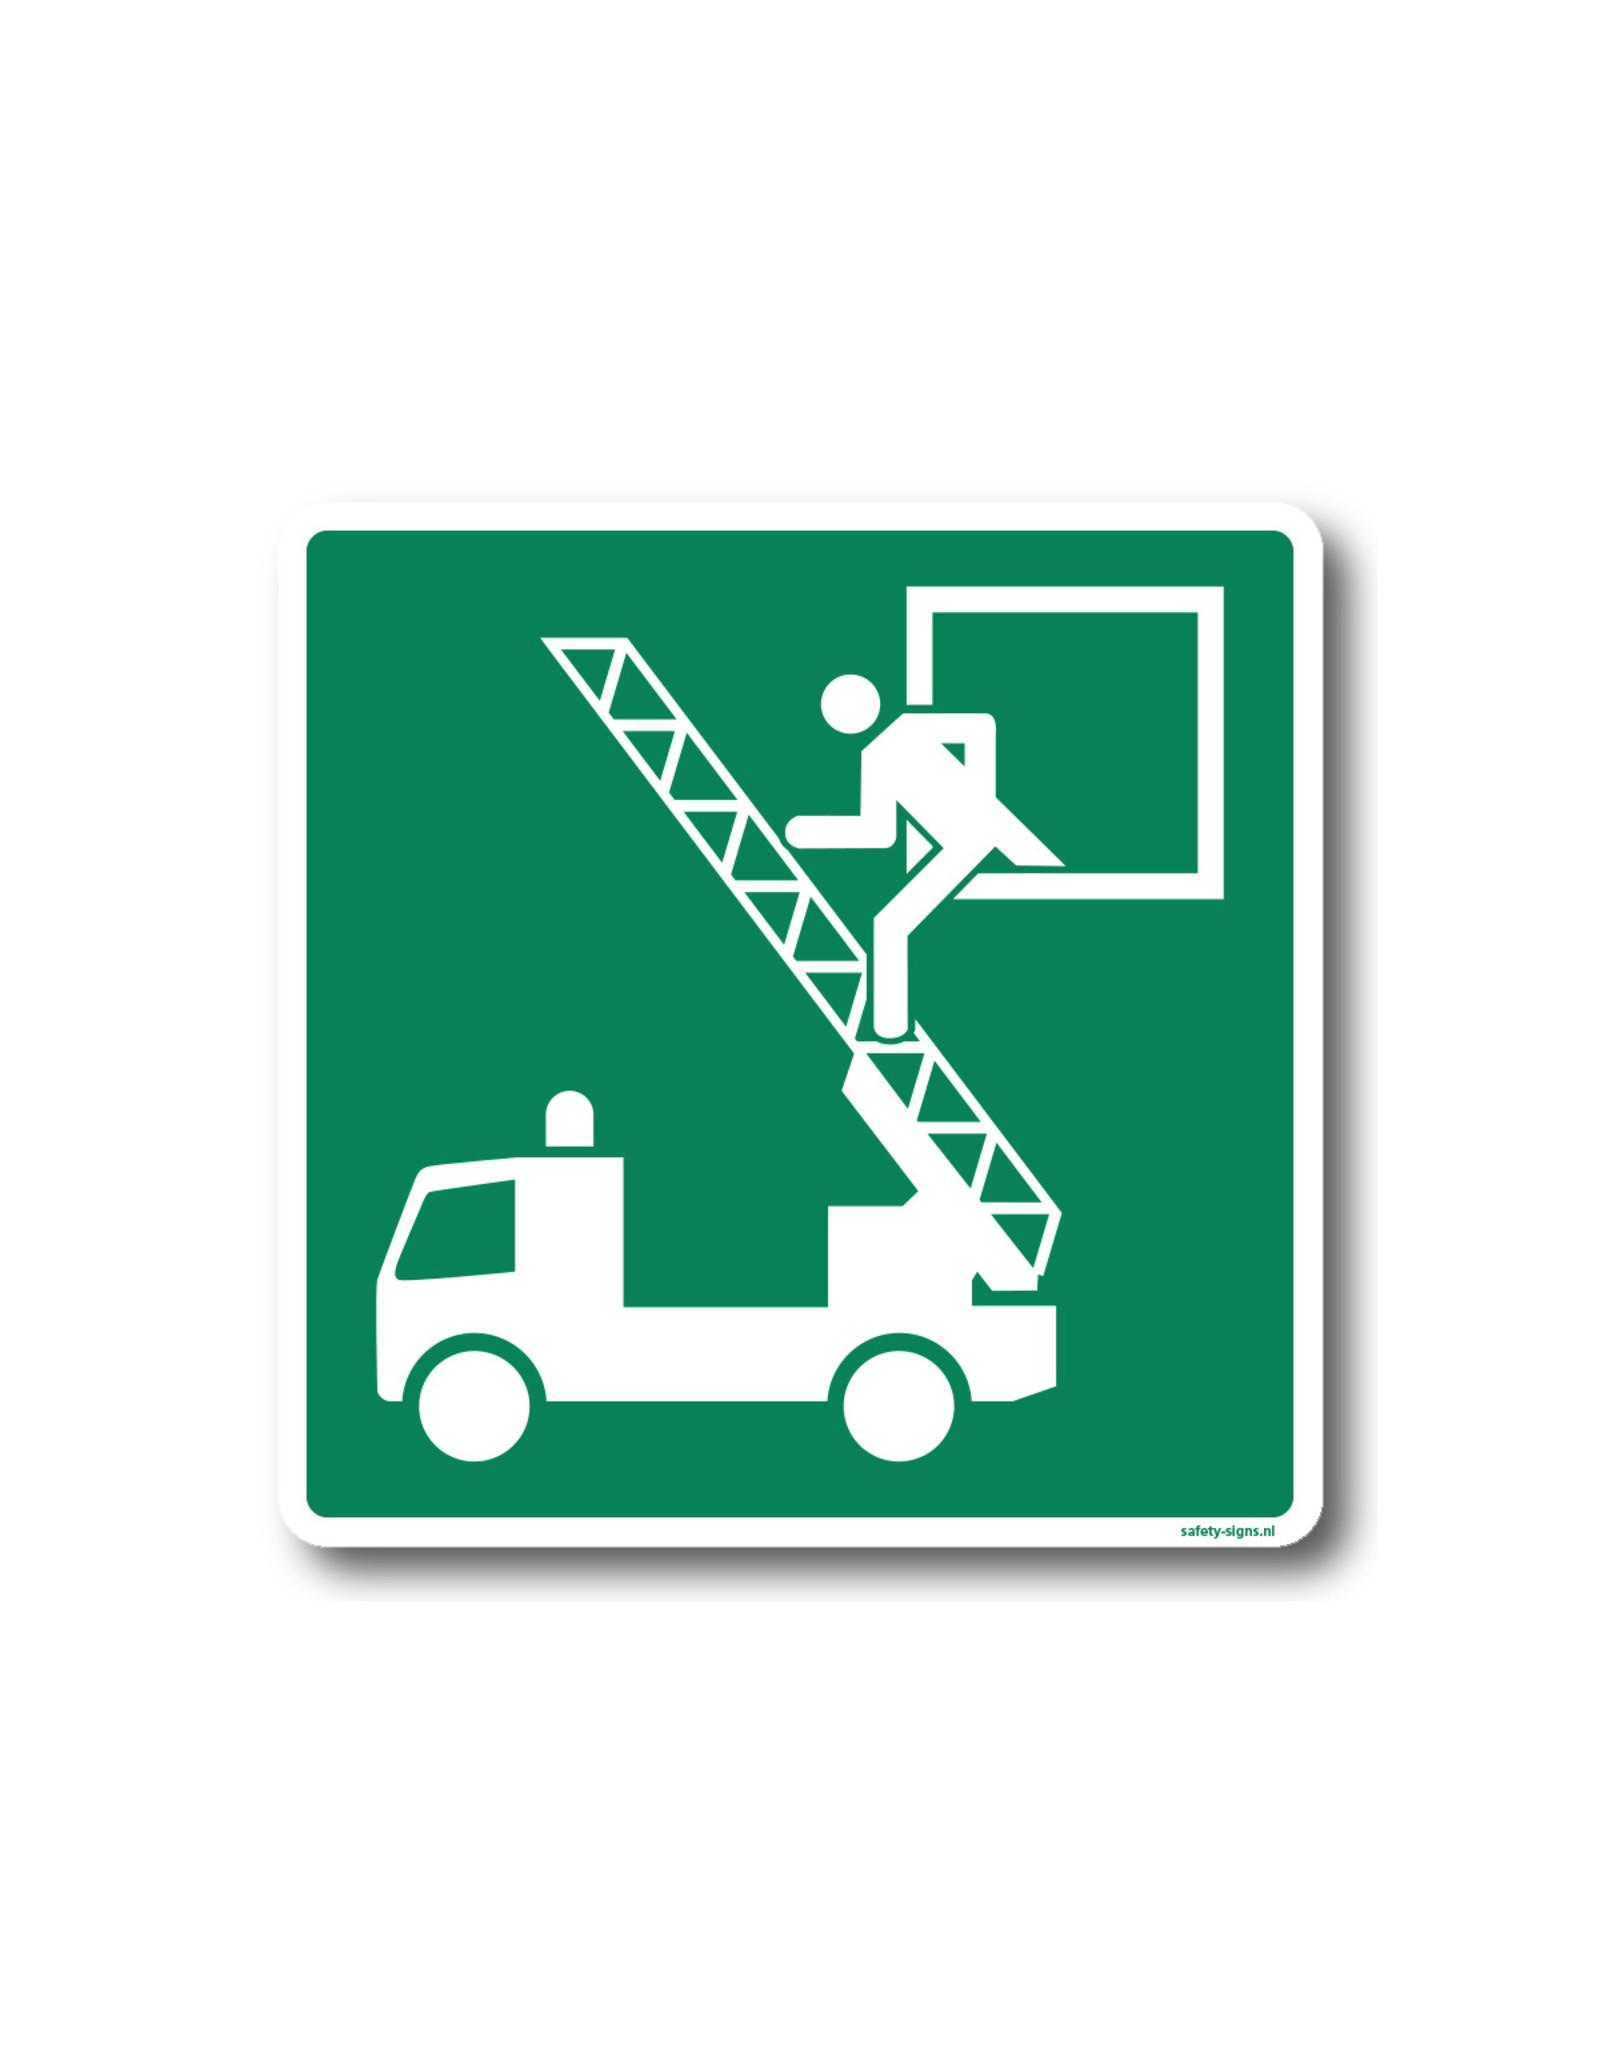 BrouwerSign Pictogram - E017 - Noodraam evacuatie - ISO 701